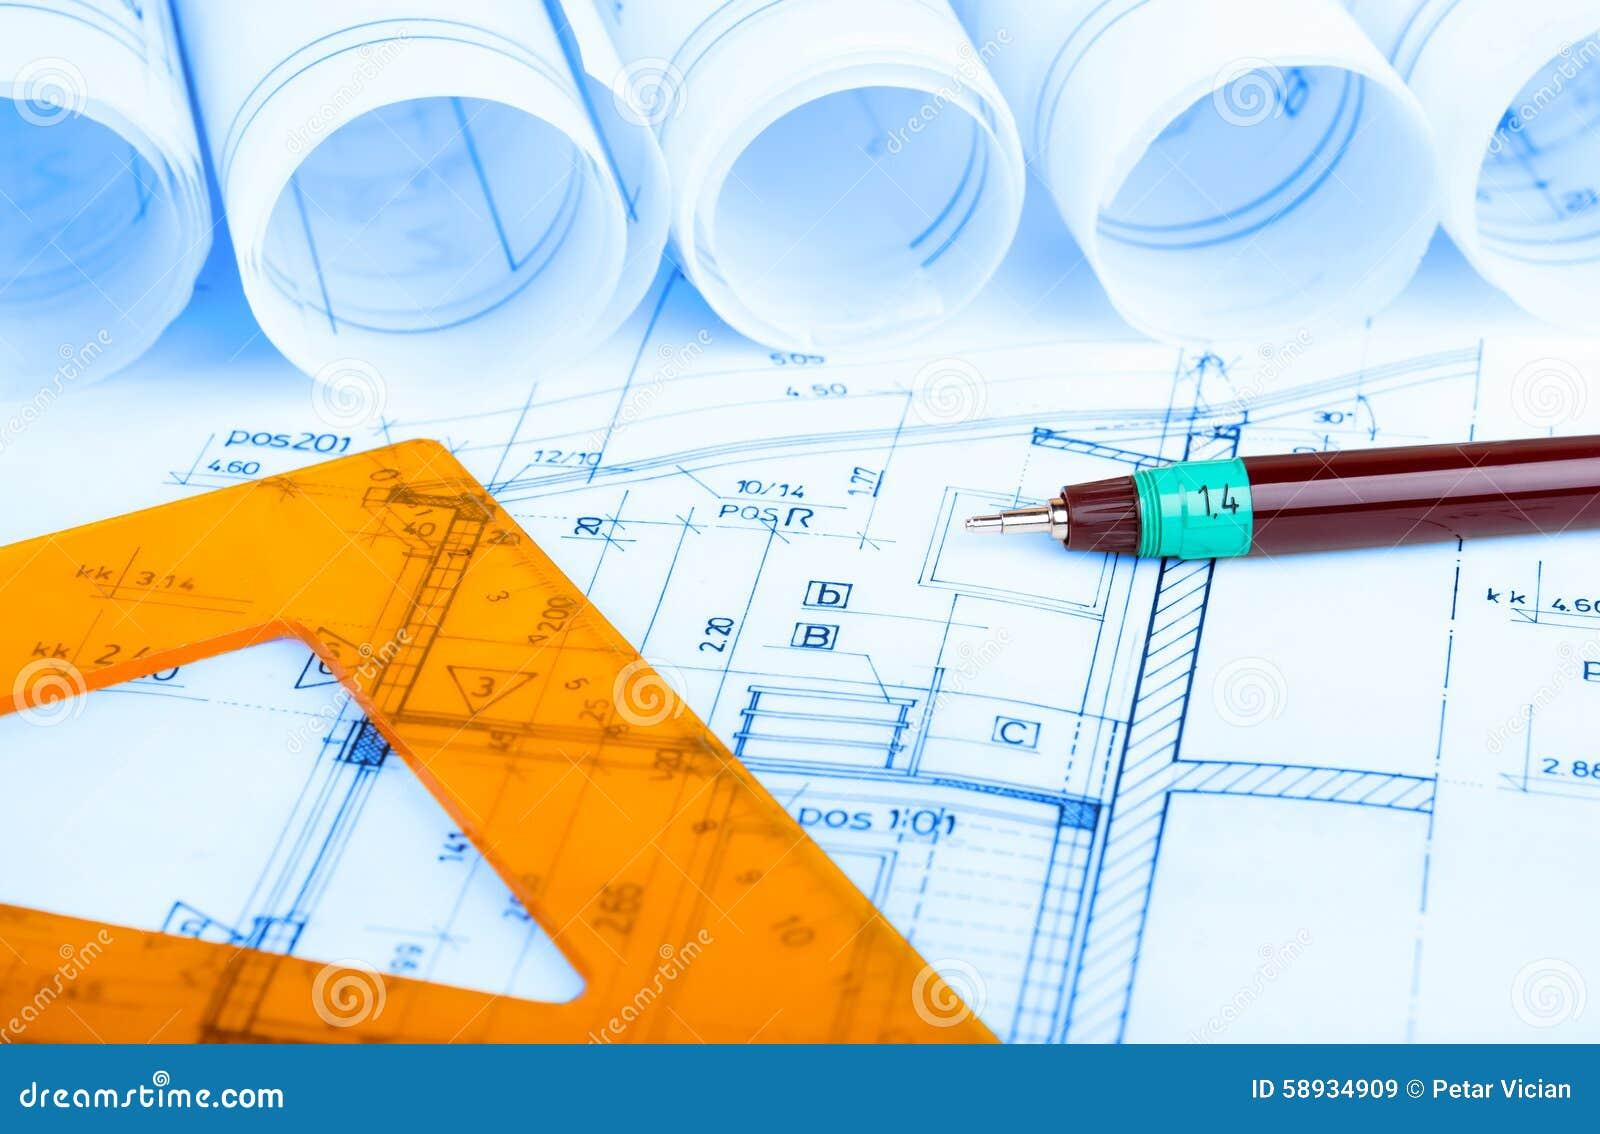 Baugewerbe-Architektur rollt Immobilien der Architekturplan-Projektarchitektenpläne